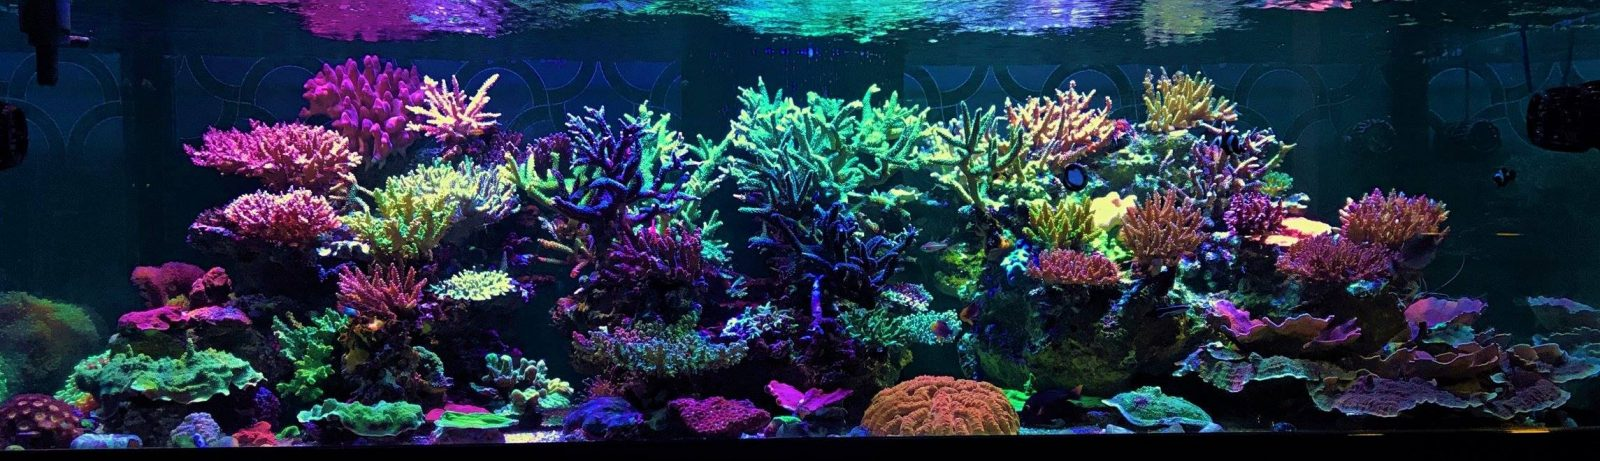 όμορφο φωτισμό δεξαμενών κοραλλιών